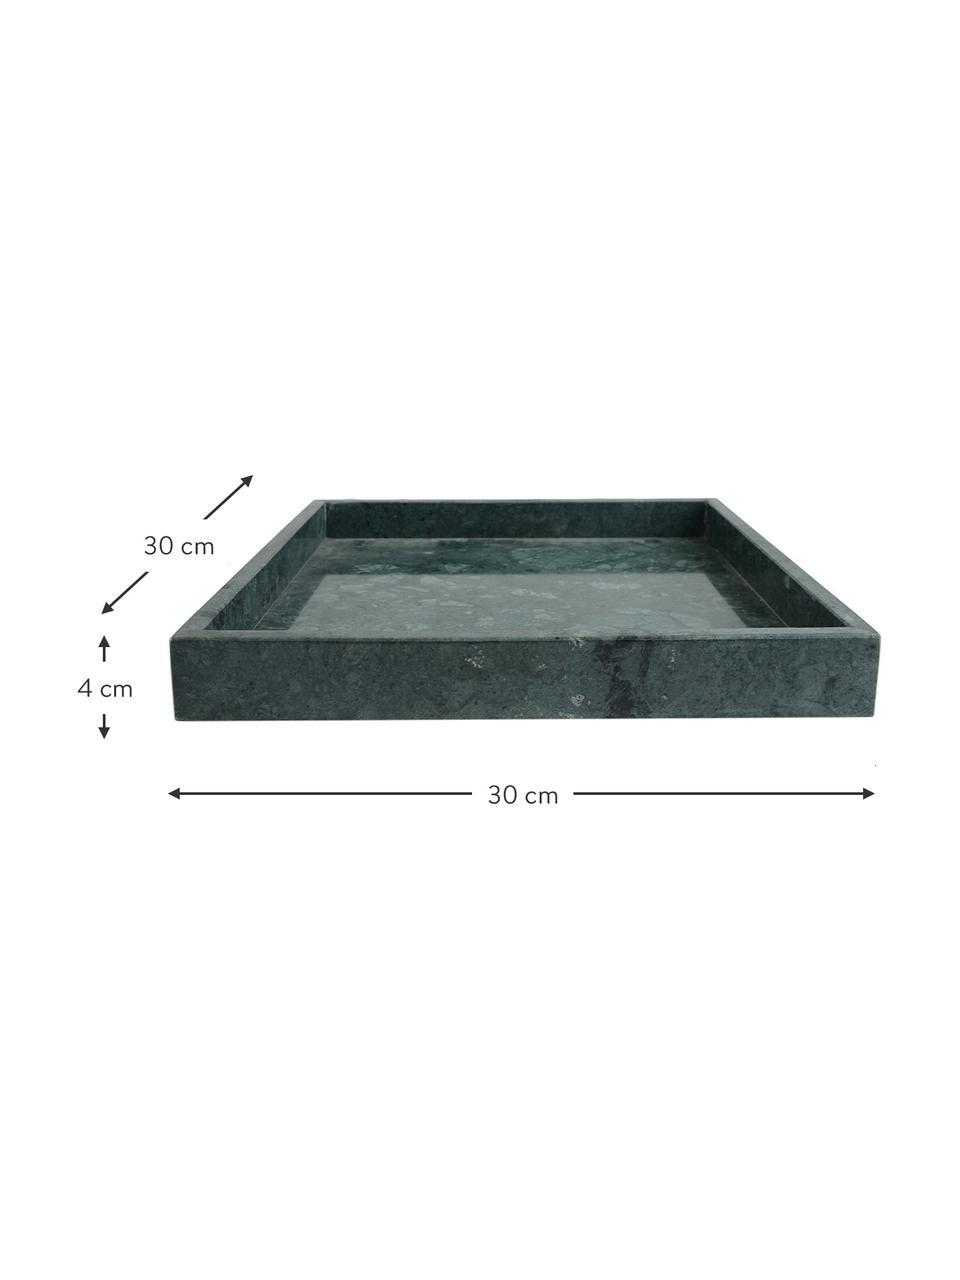 Deko-Marmor-Tablett Ciaran, Marmor, Grün, marmoriert, B 30 x T 30 cm